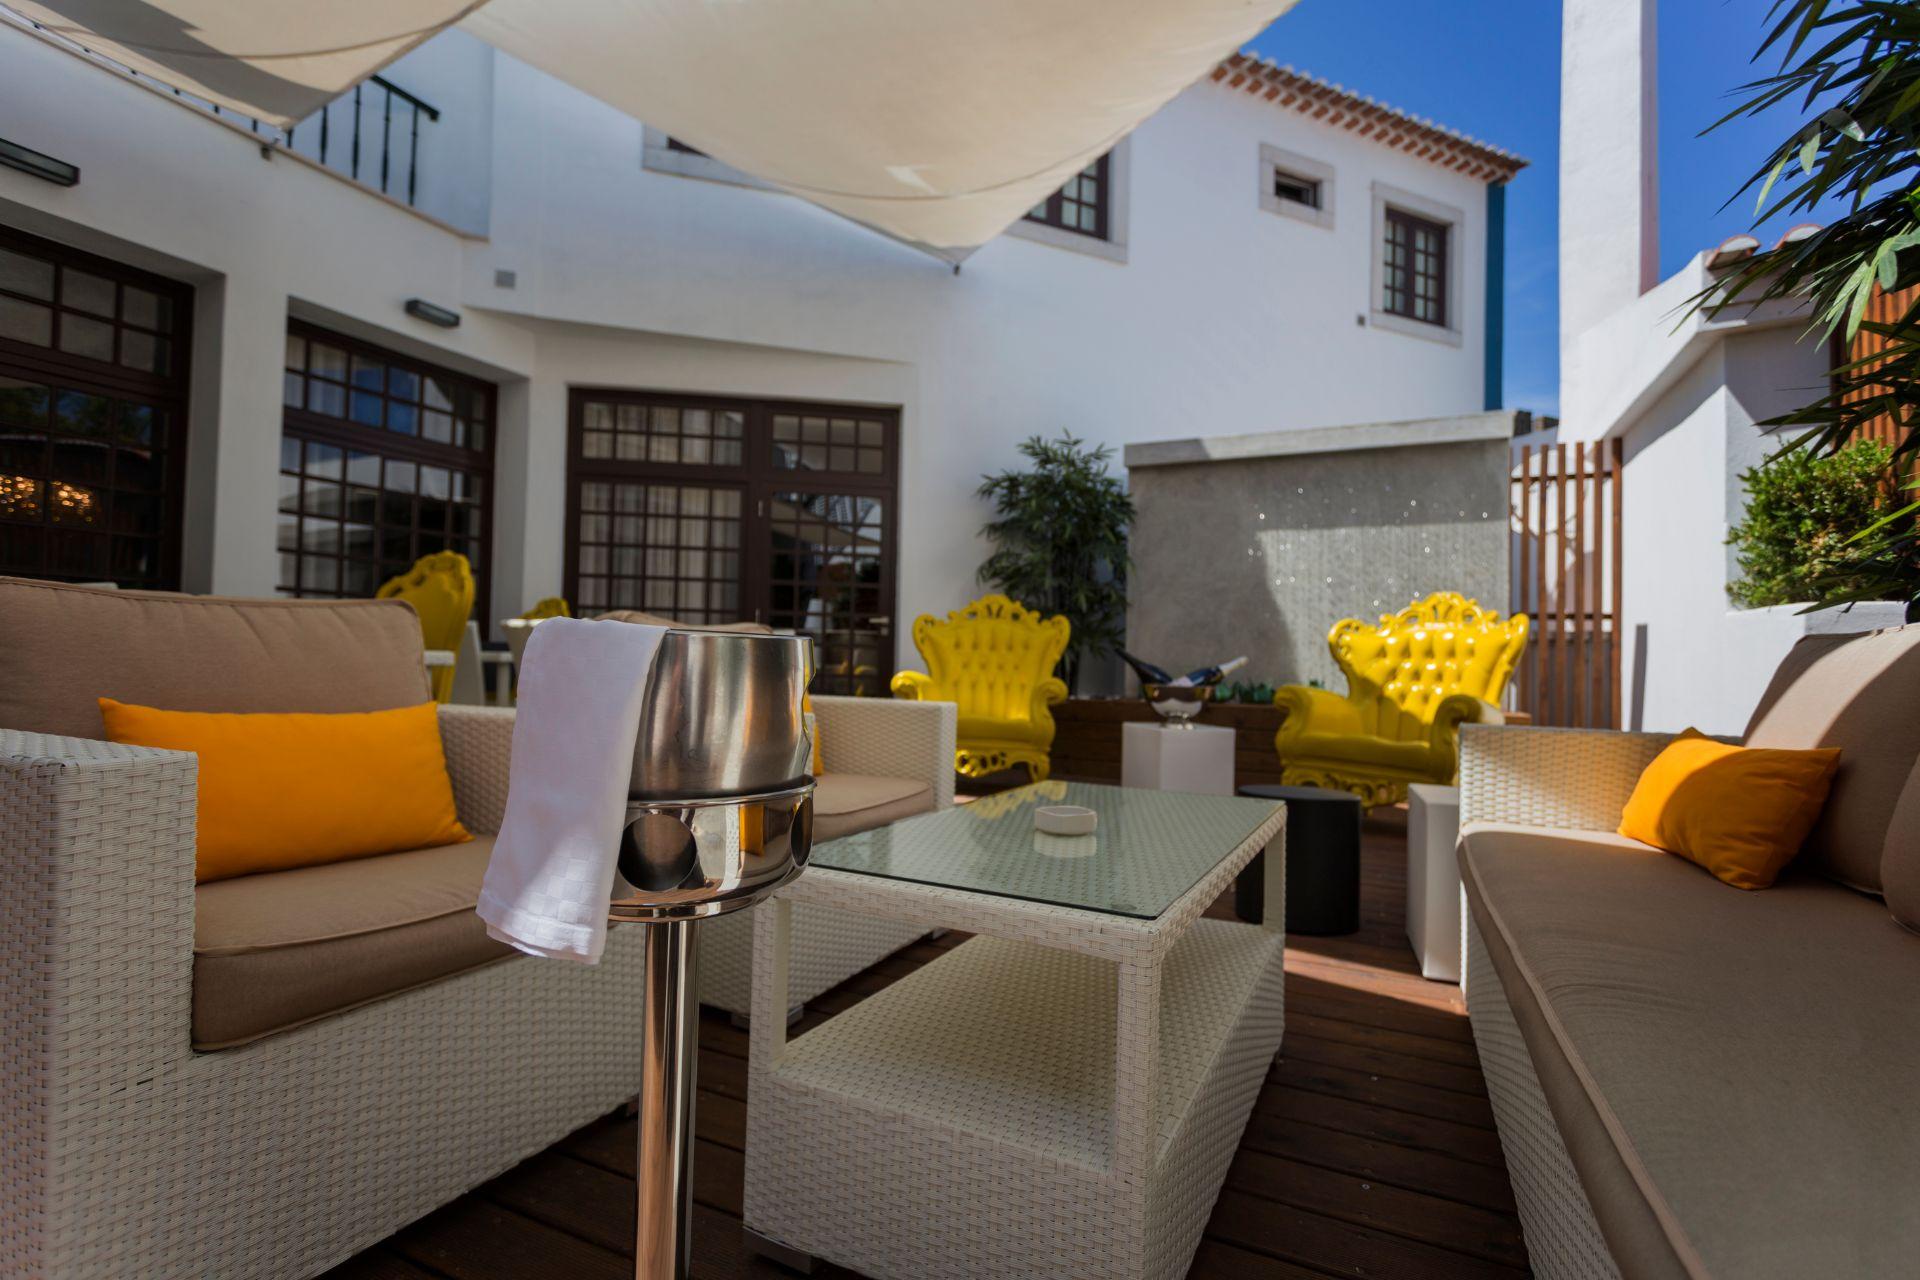 Josefa Obidos Hotel, Lumen Restaurante e Esplanada 5-JUN19